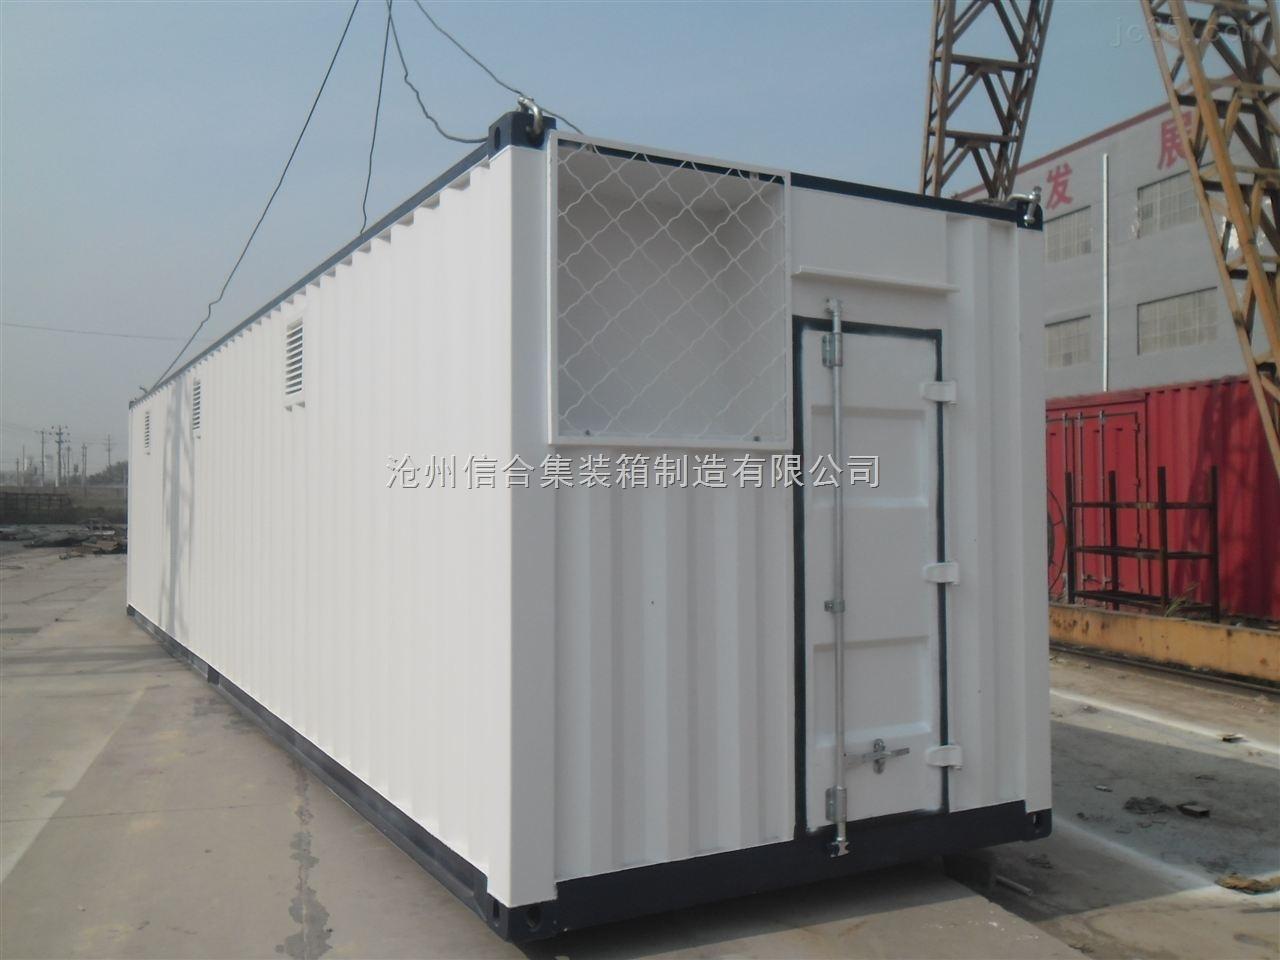 全新集装箱出售,特种集装箱、设备箱制造